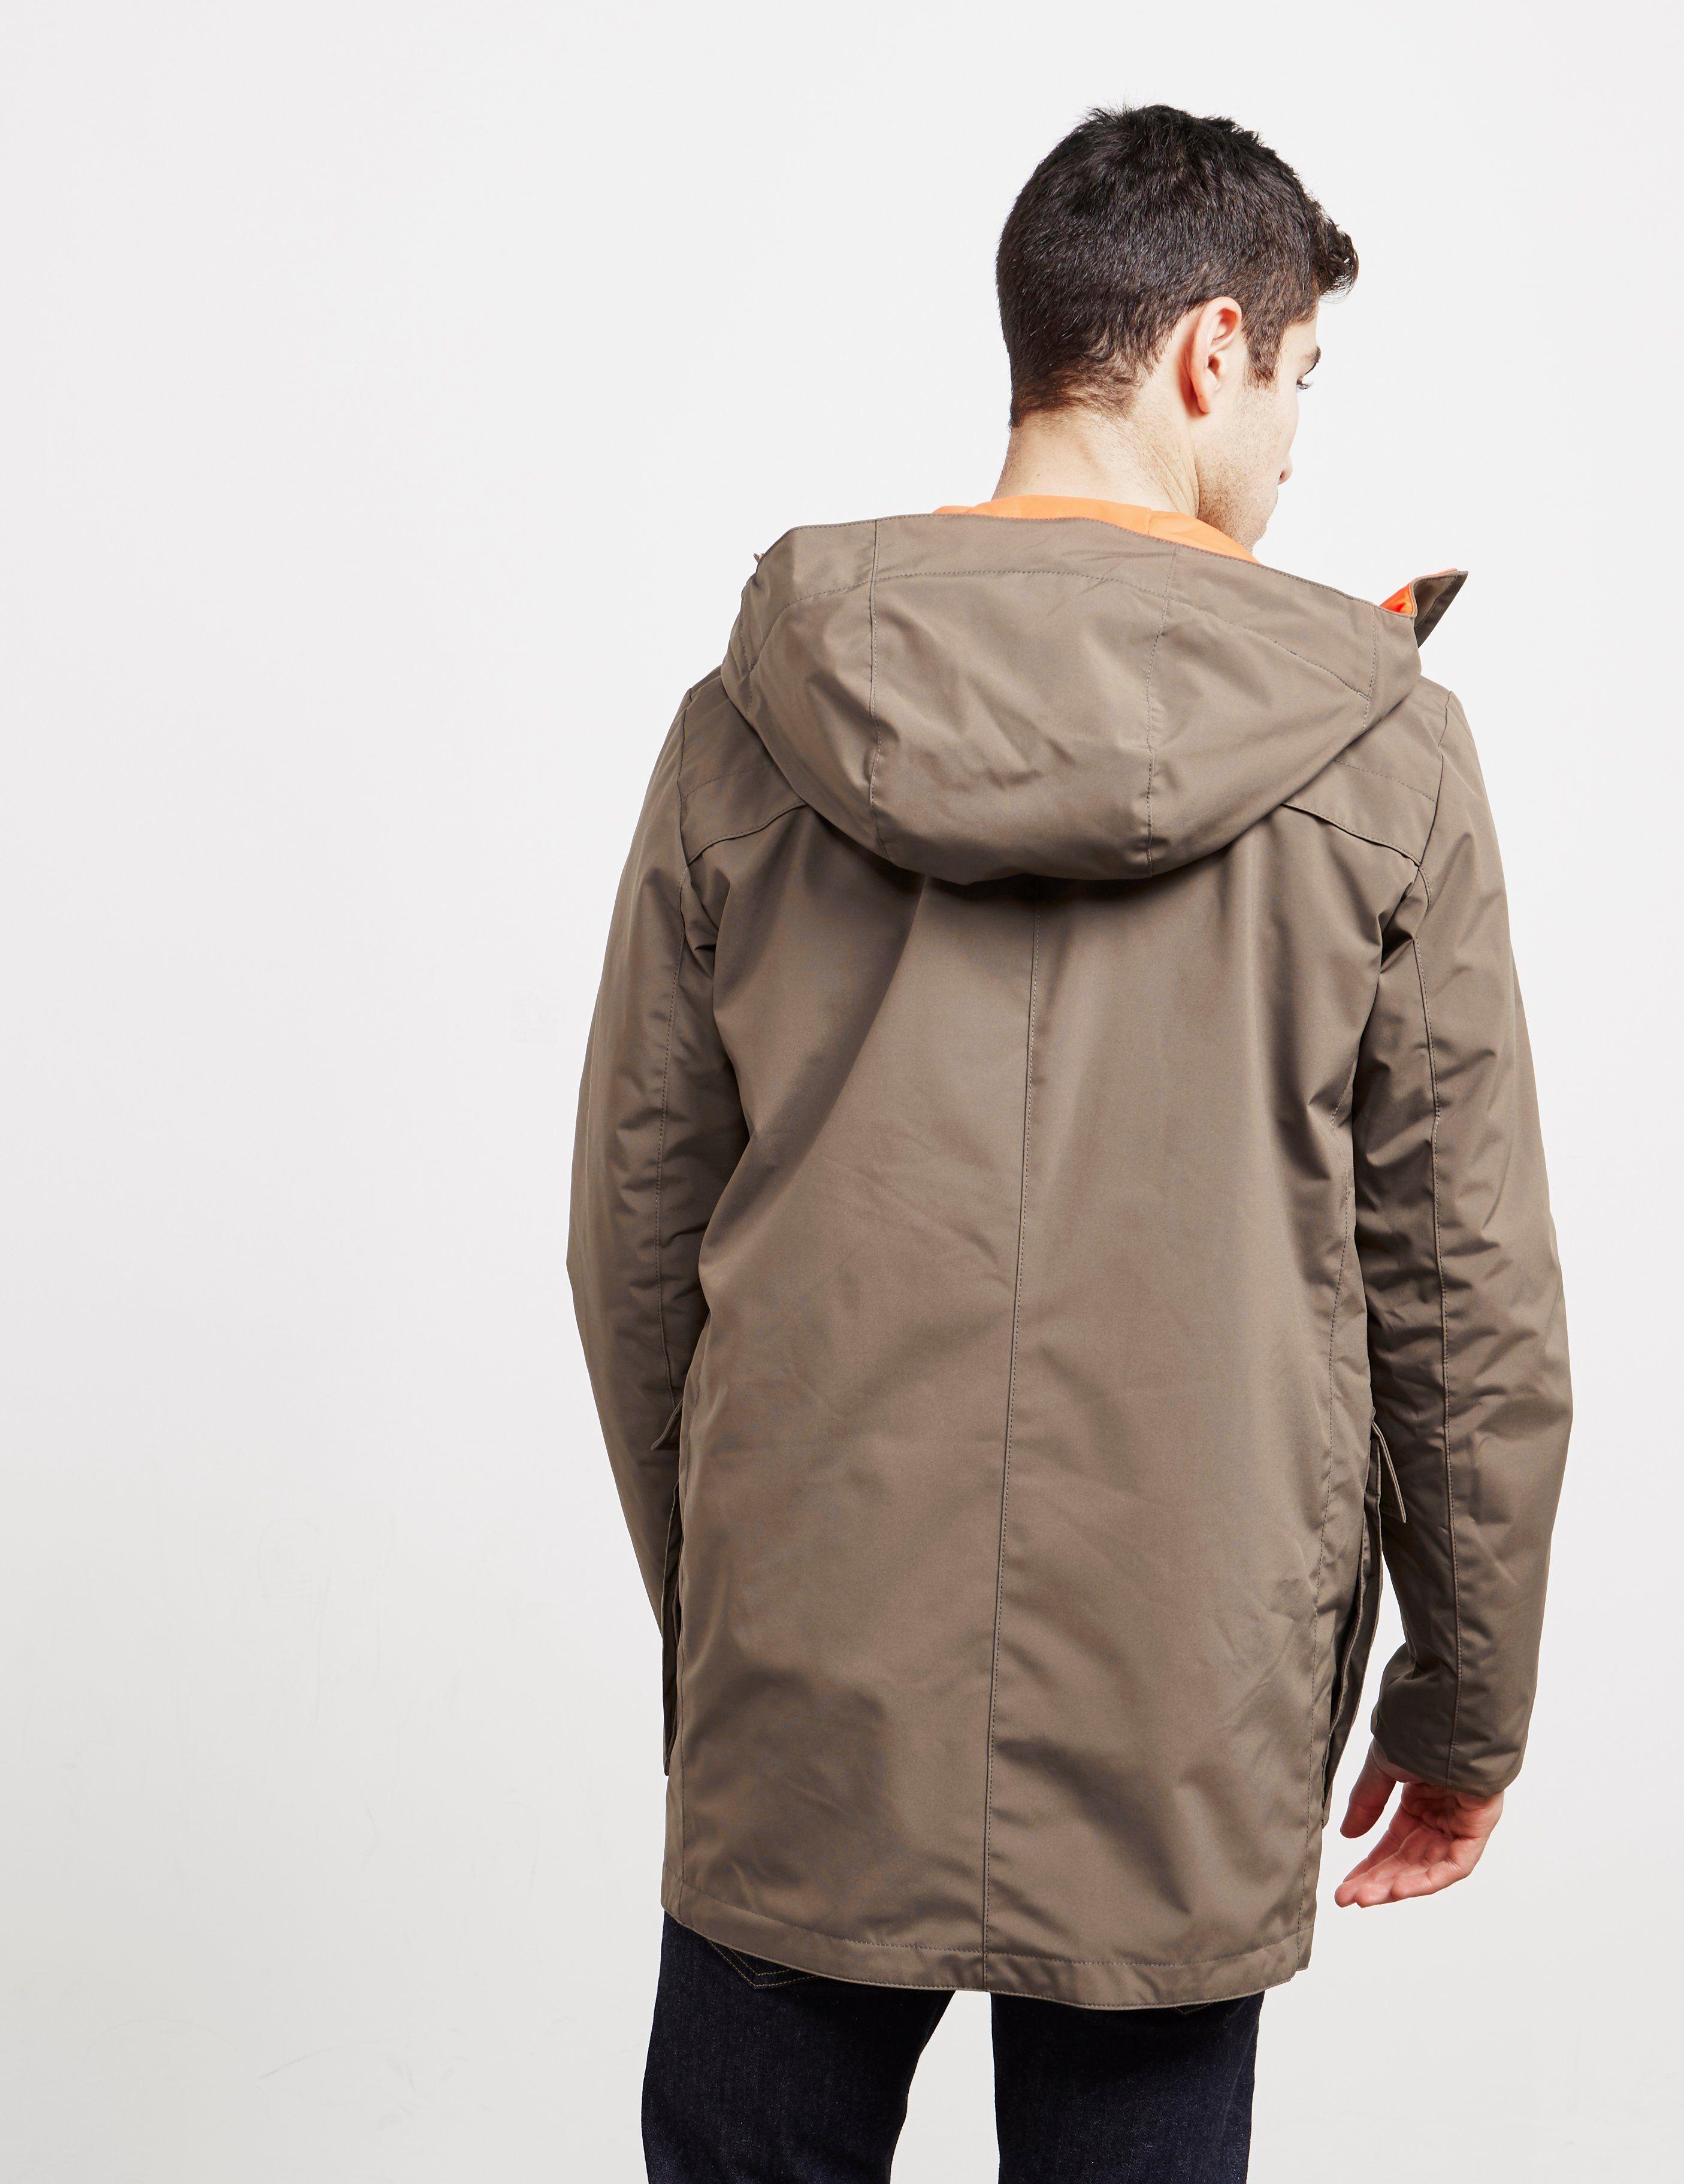 Kanuk Change Parka Jacket - Online Exclusive